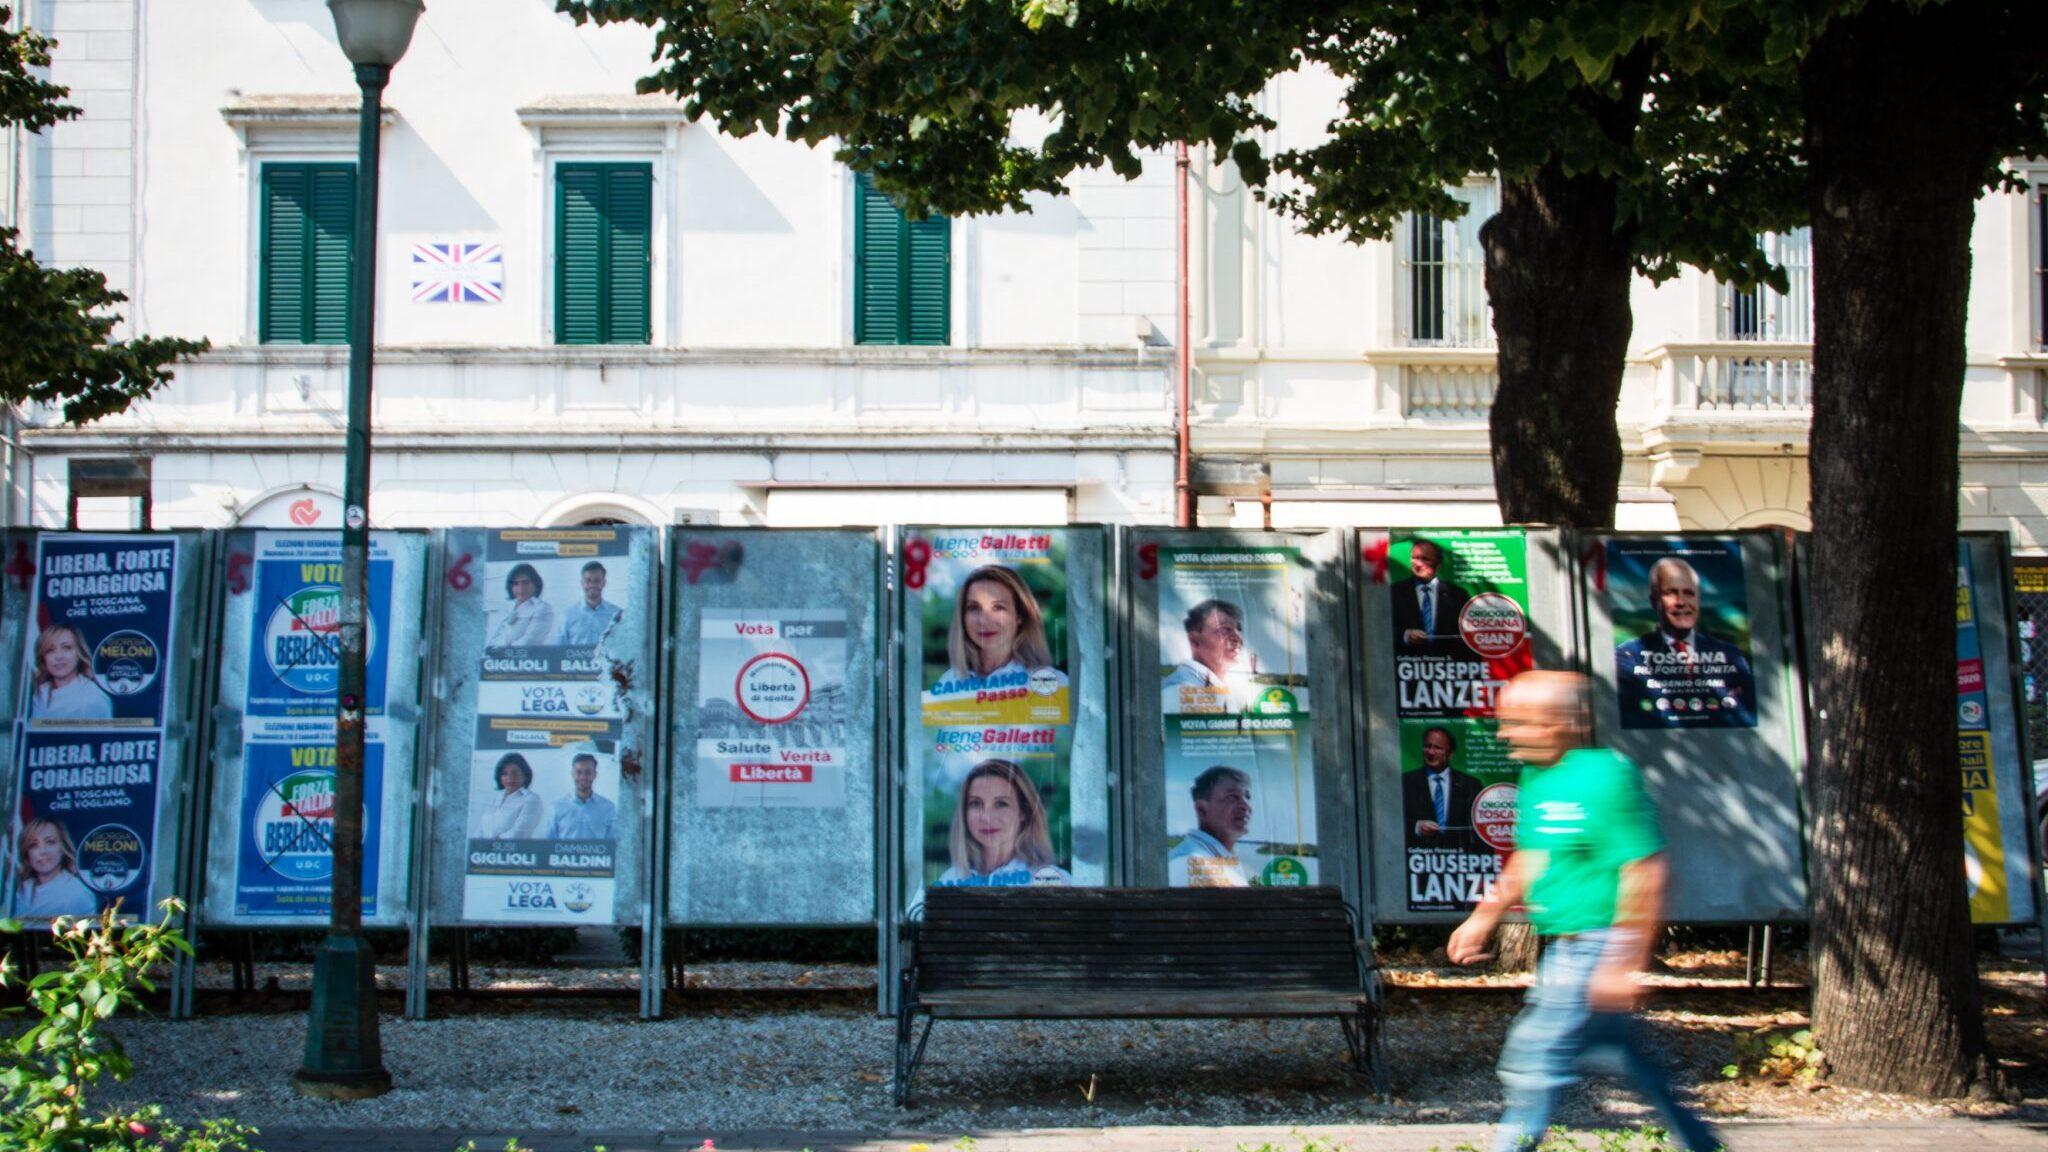 Le ragioni dell'avanzata della destra nelle Marche